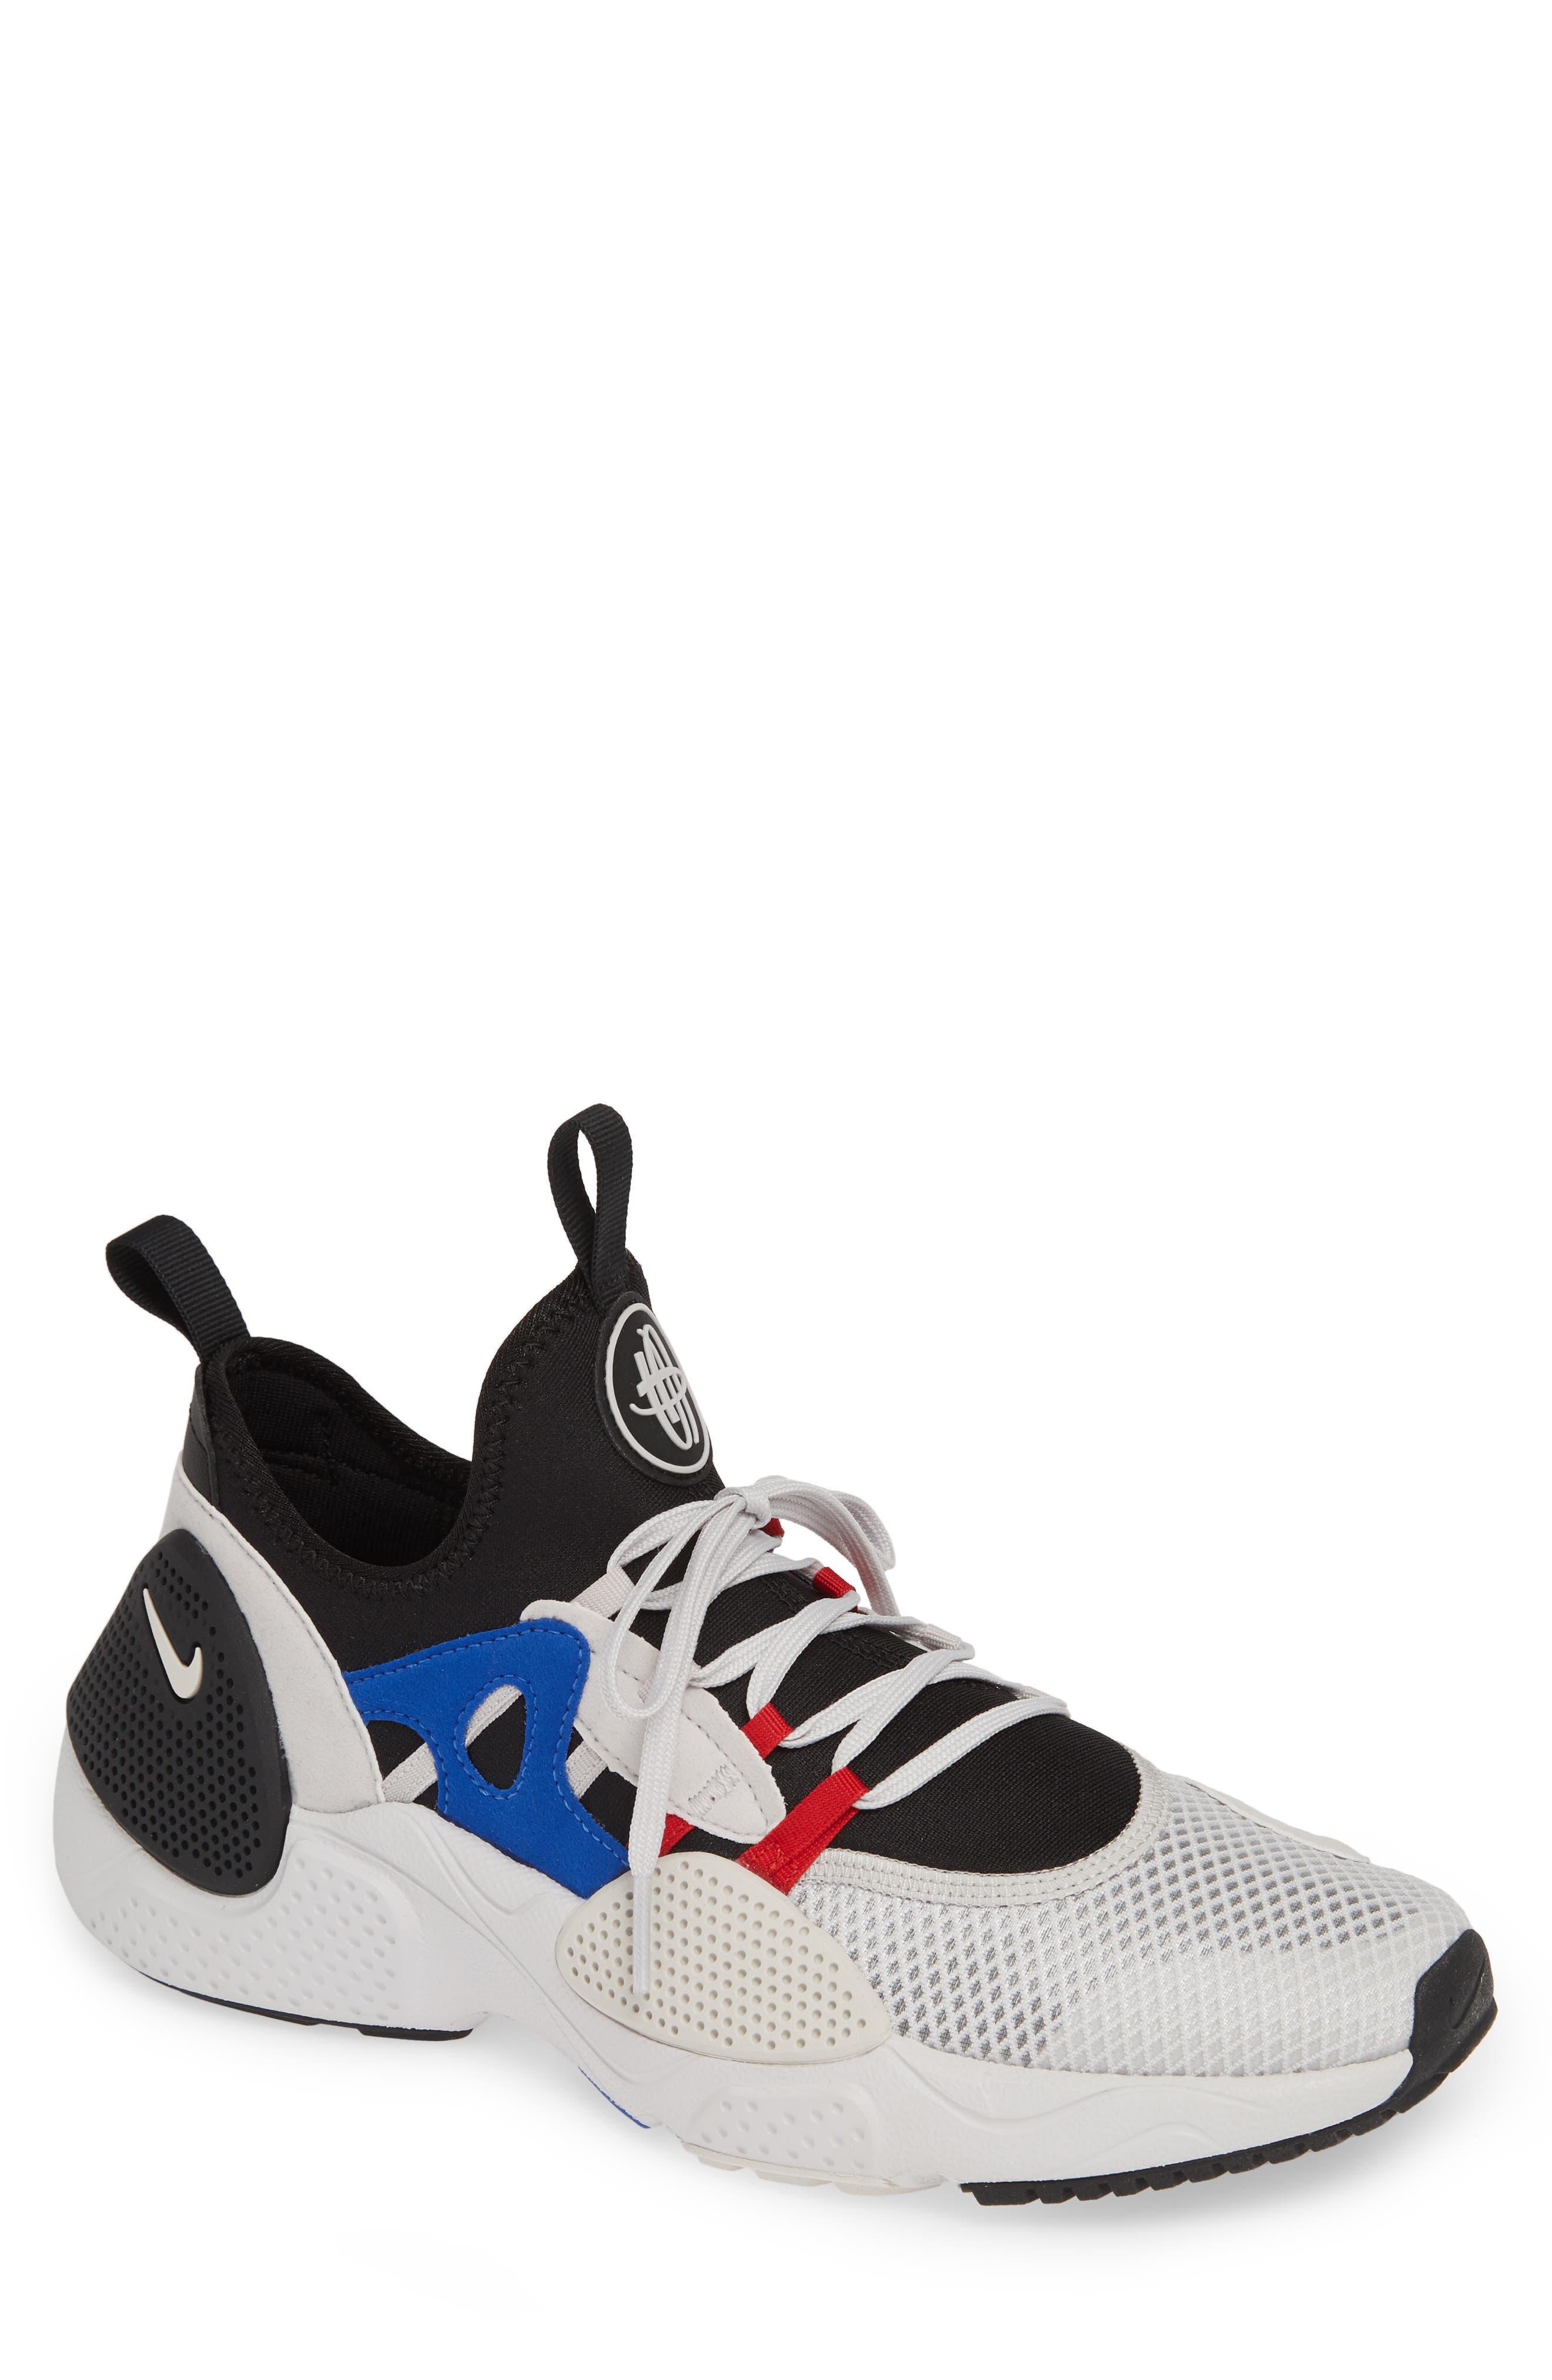 bd2b1572925 Nike Sale